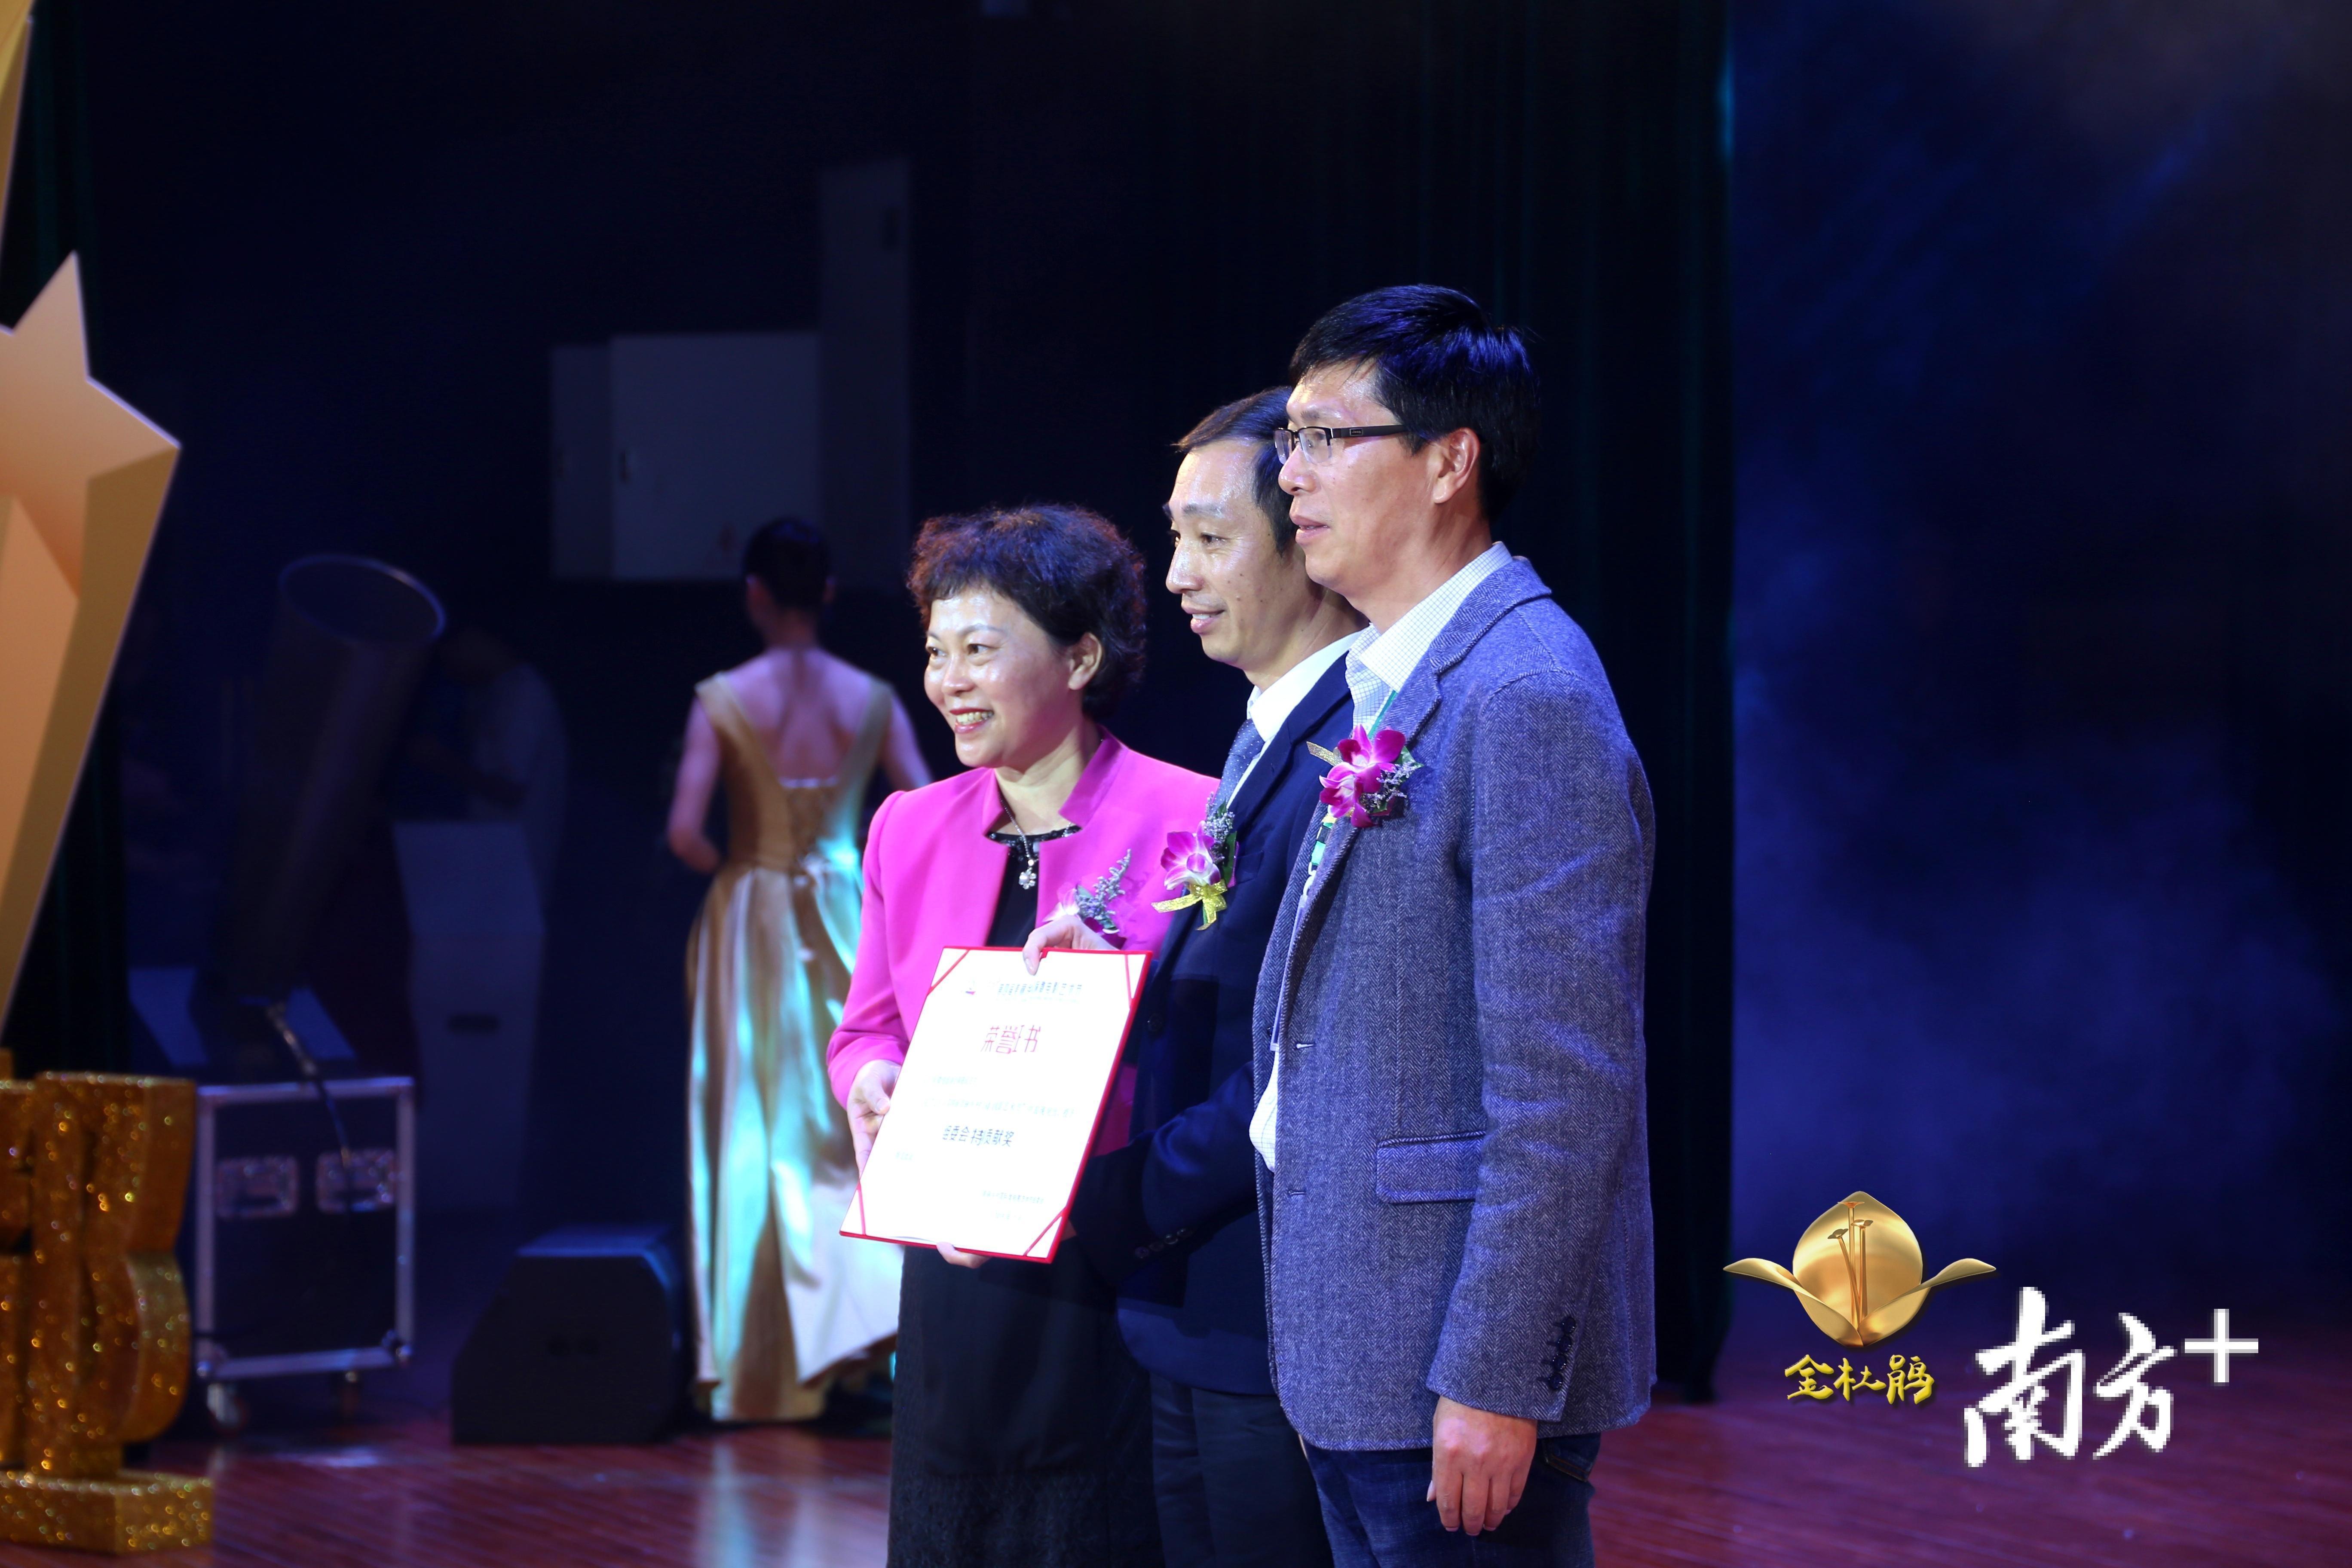 陈敬武获美丽乡村国际微电影艺术节组委会颁发杰出贡献奖。主办方提供